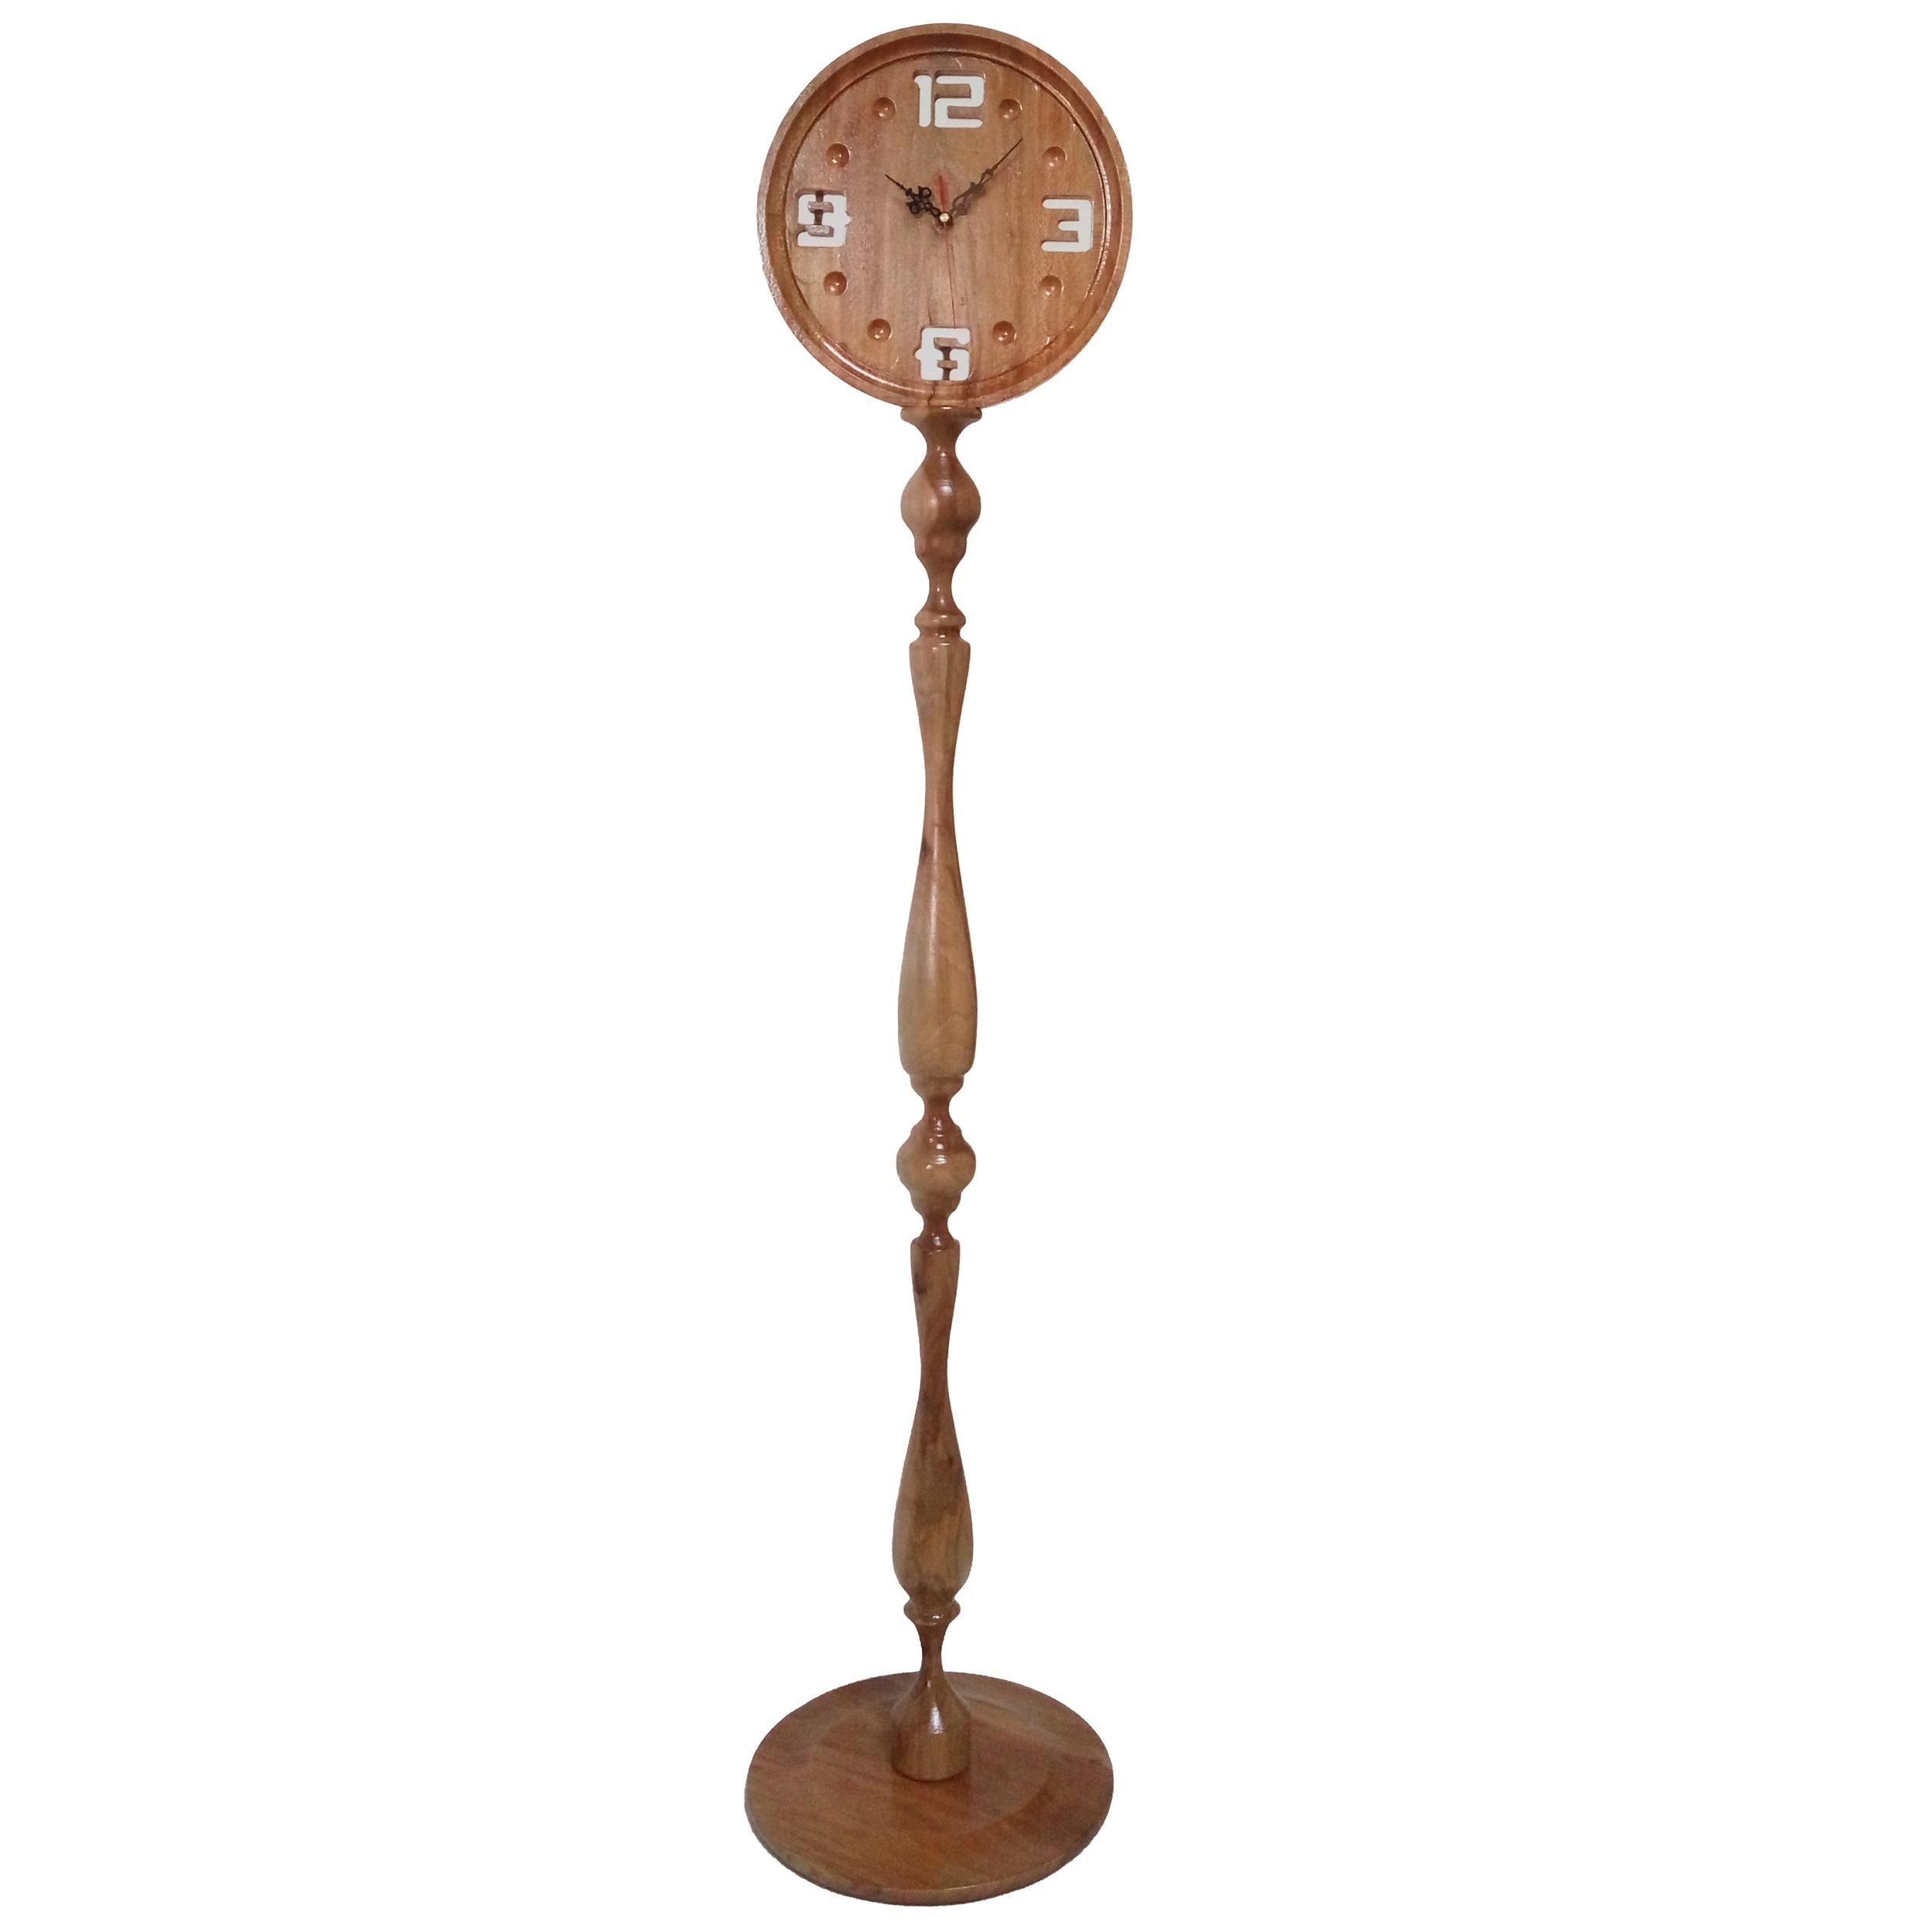 ساعت ایستاده چوبی چوبیس کد 1_503